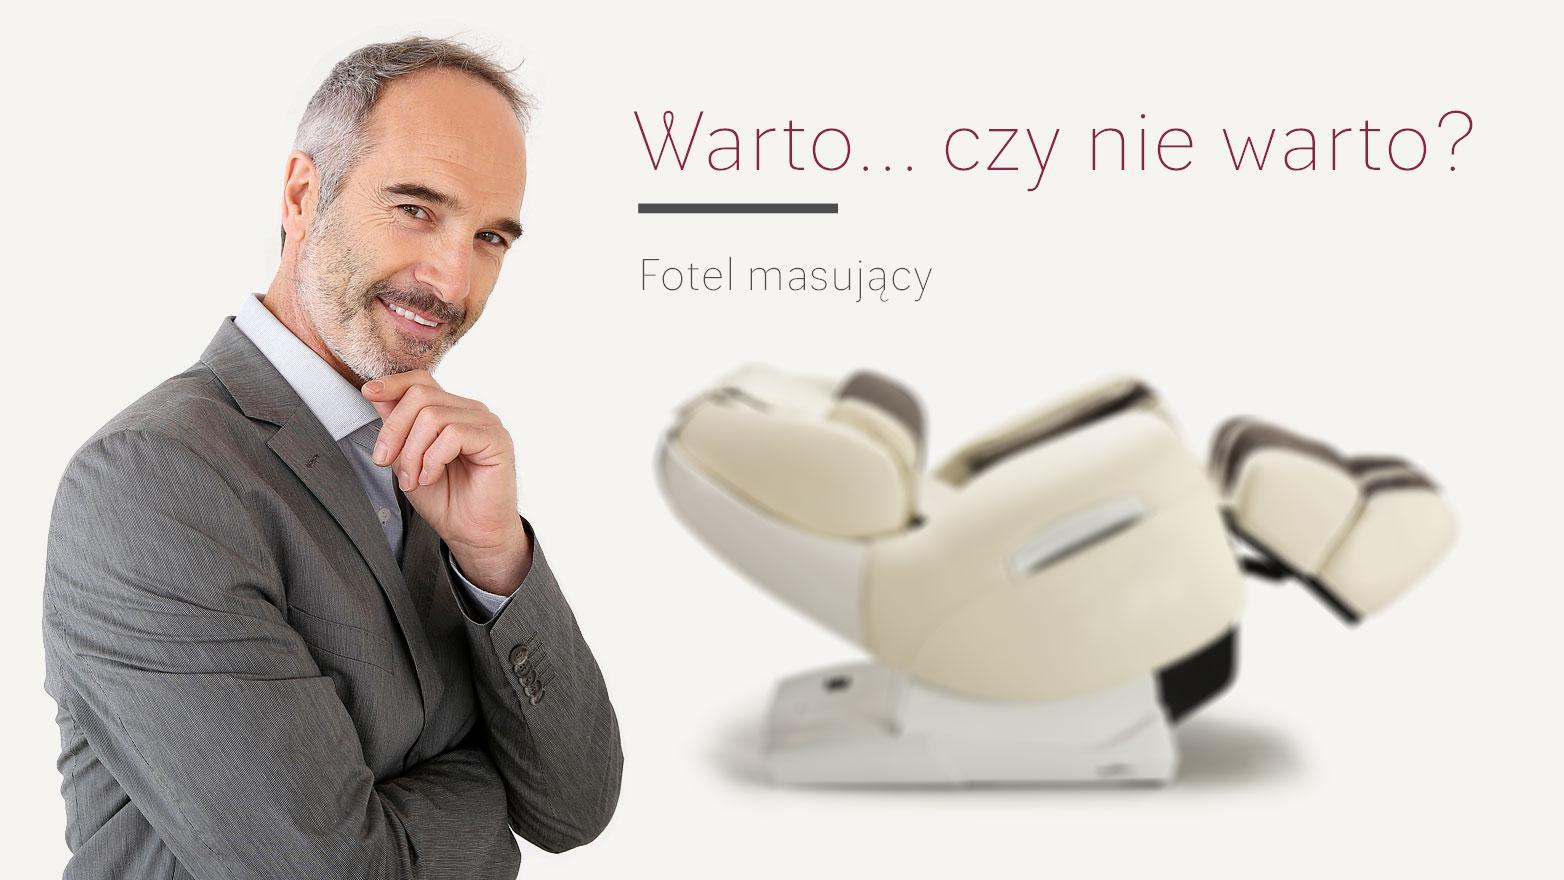 Fotel masujący czy warto